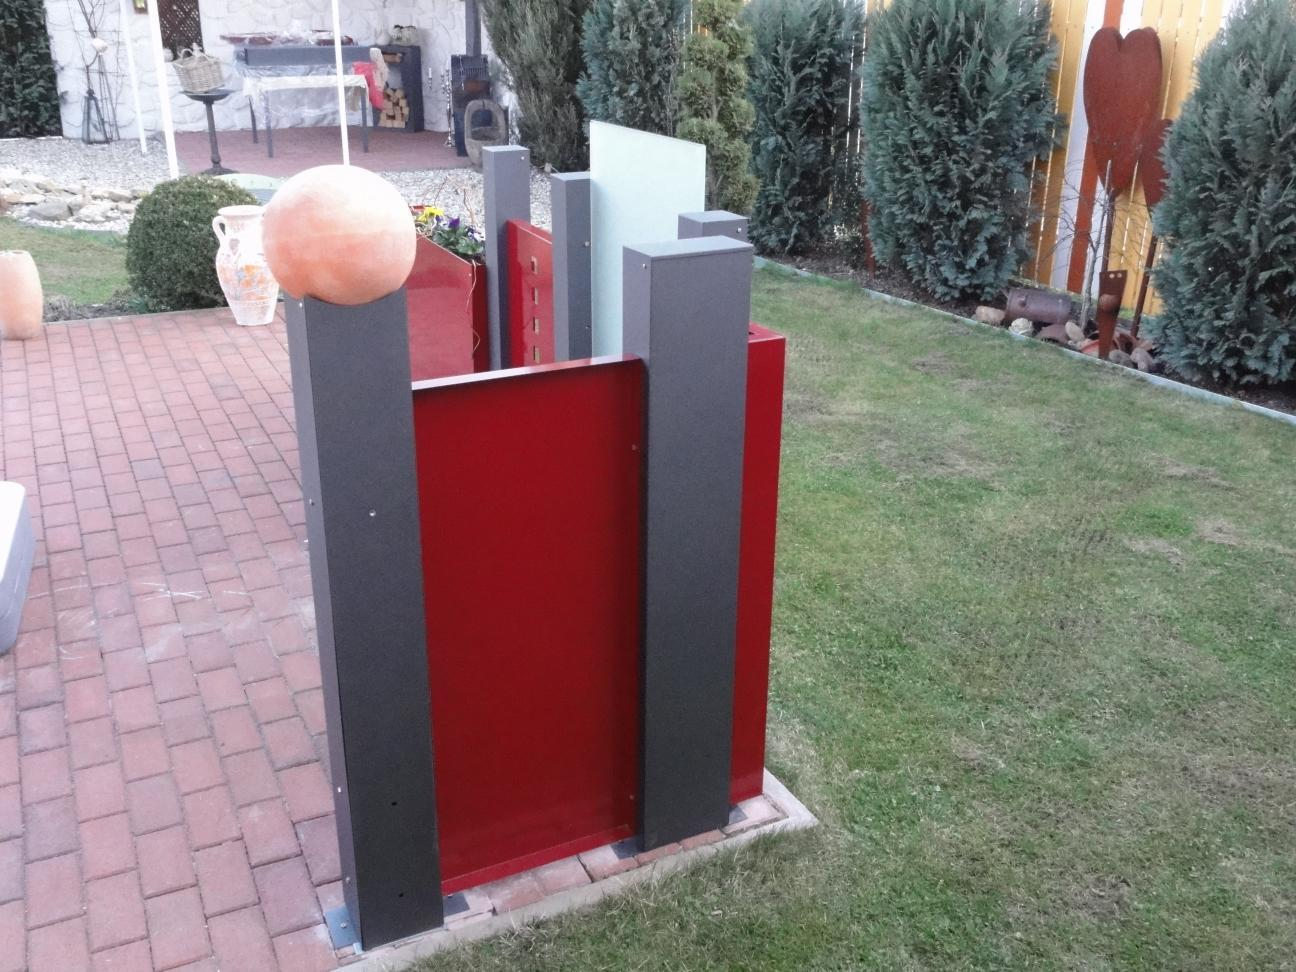 soloblech modular ohne stanzbild 175 x 92 cm alles f r haus und garten aus metall. Black Bedroom Furniture Sets. Home Design Ideas